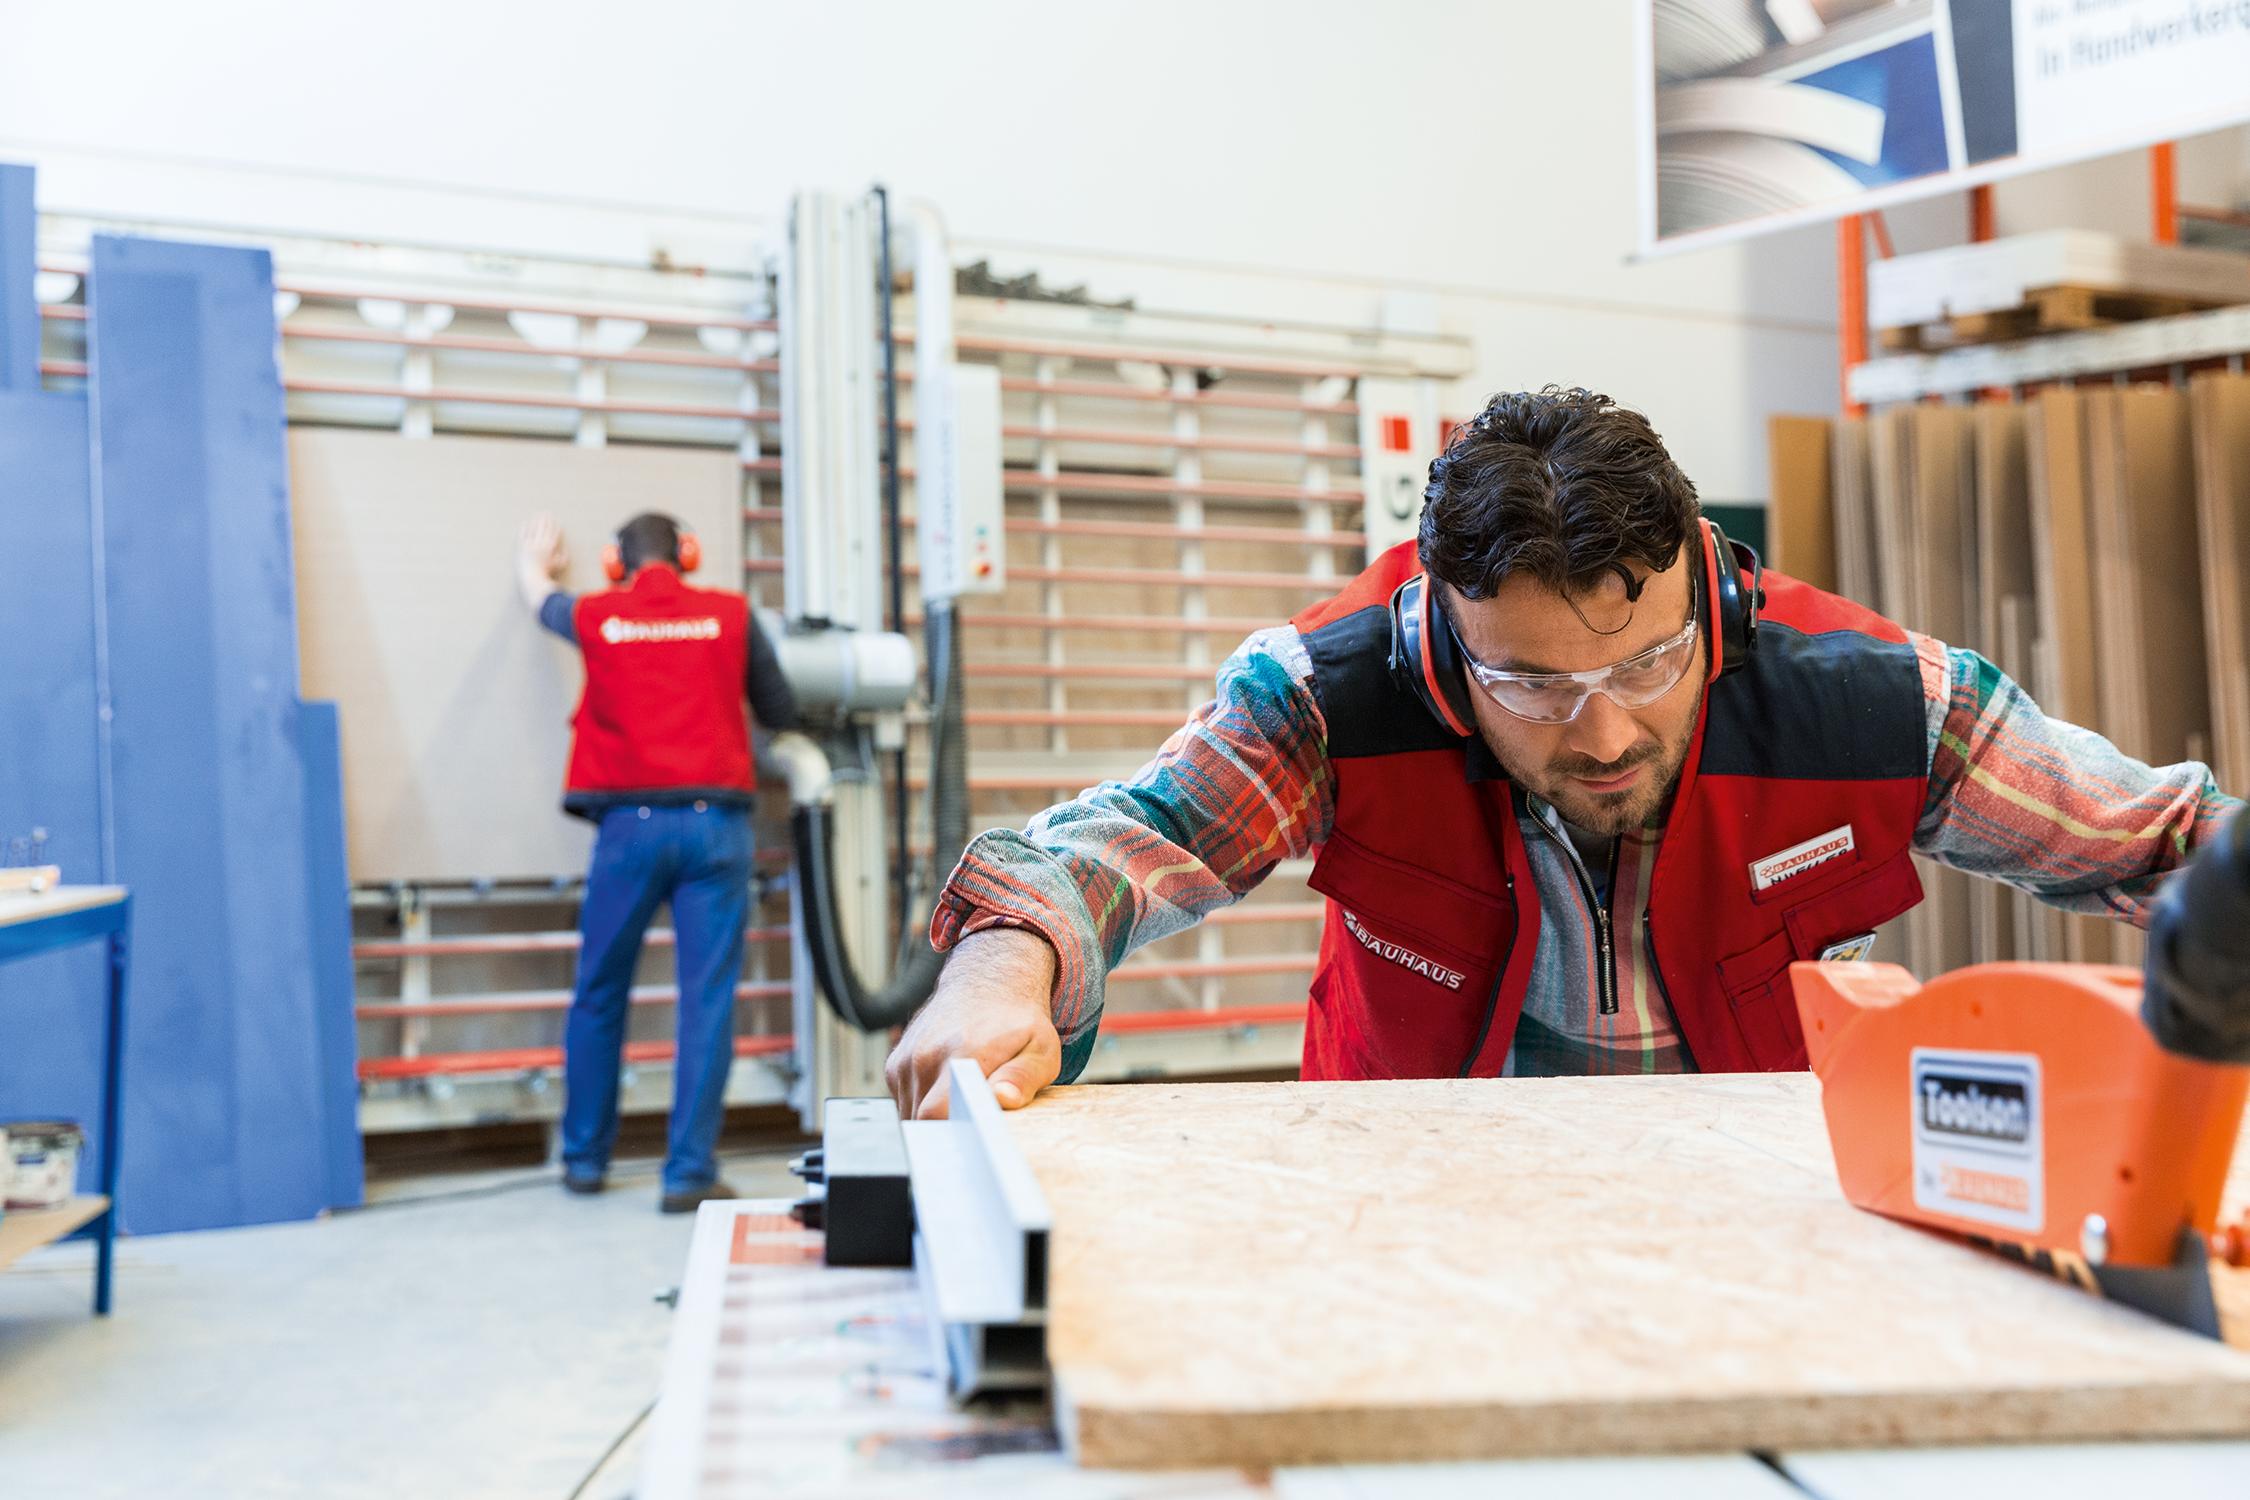 Perfekt Zugeschnitten Holz Schneiden Die Bauhaus Fachberater Euch Millimetergenau Zu Von Einer Individuellen Arbeitsplatte Oder R Holz Zuschnitt Bauhaus Bau